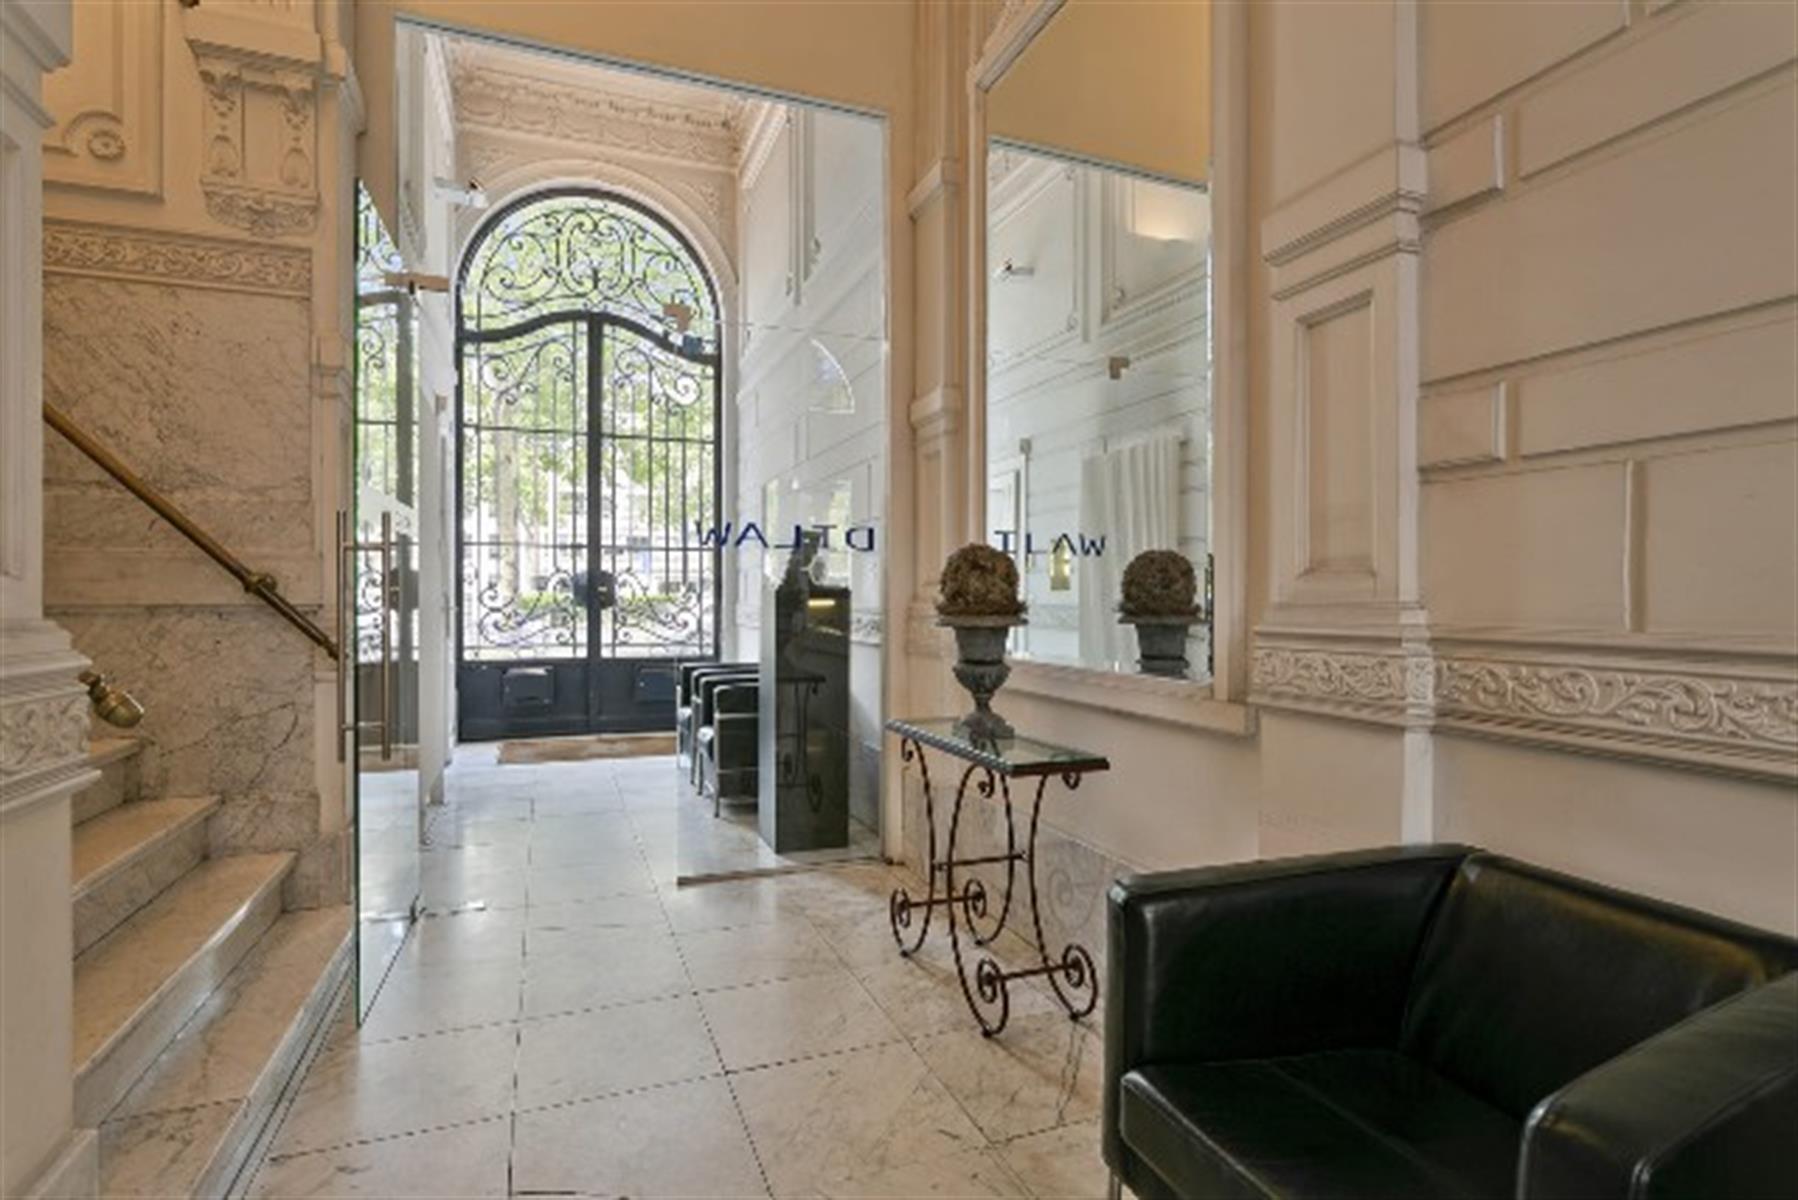 Neoclassicistisch kantoor met behoud van originele elementen vlakbij het Nieuwe Justitiepaleis.